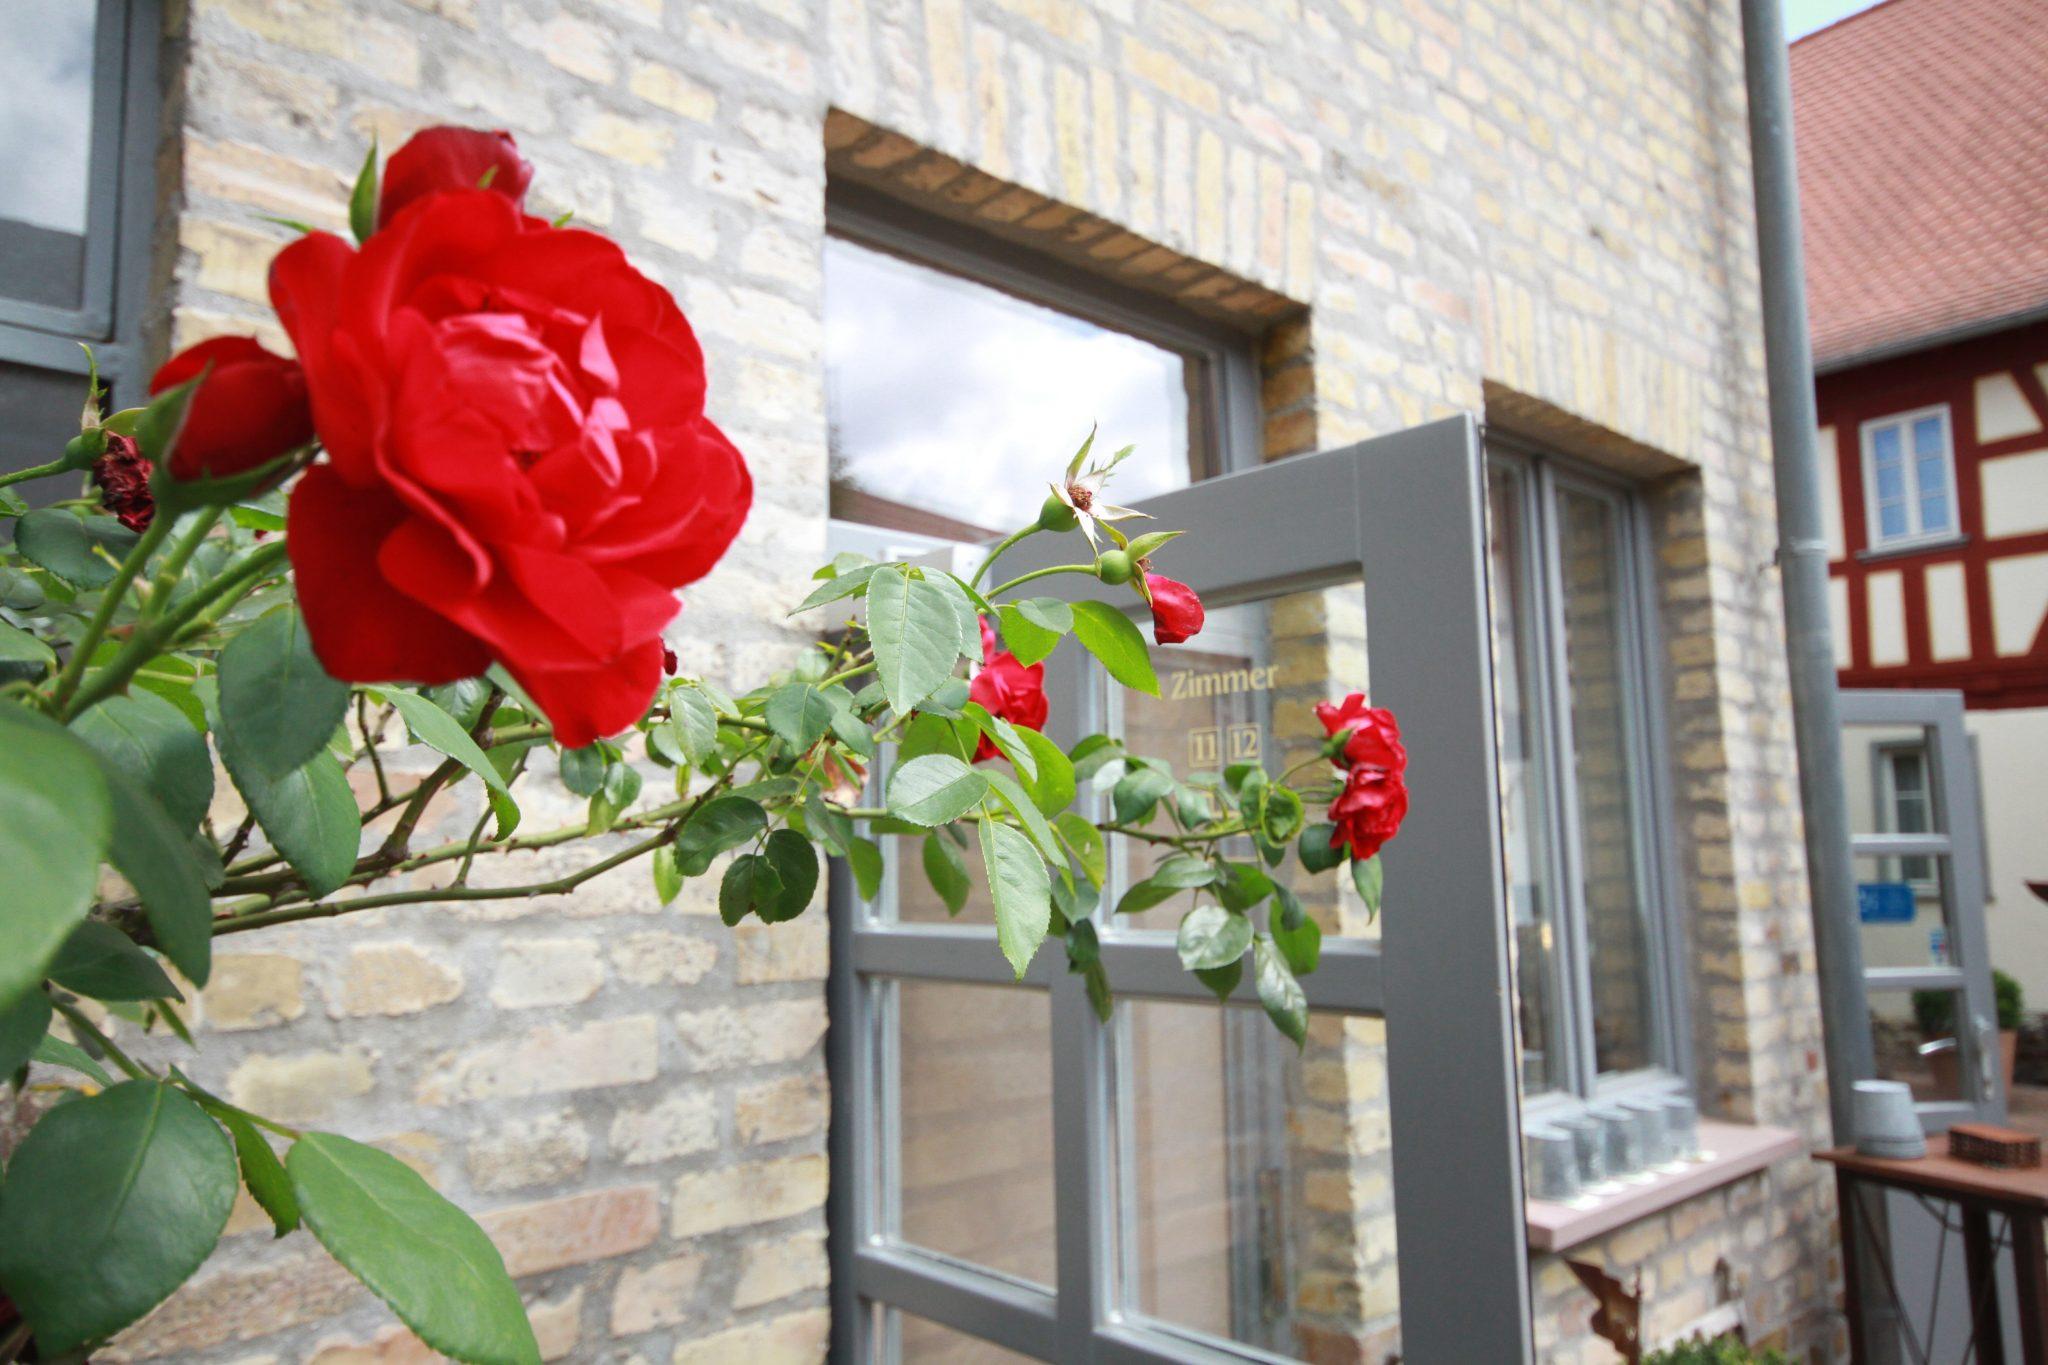 Wohnen in historischem ambiente kleine residenz am schloss for Wohnen ambiente